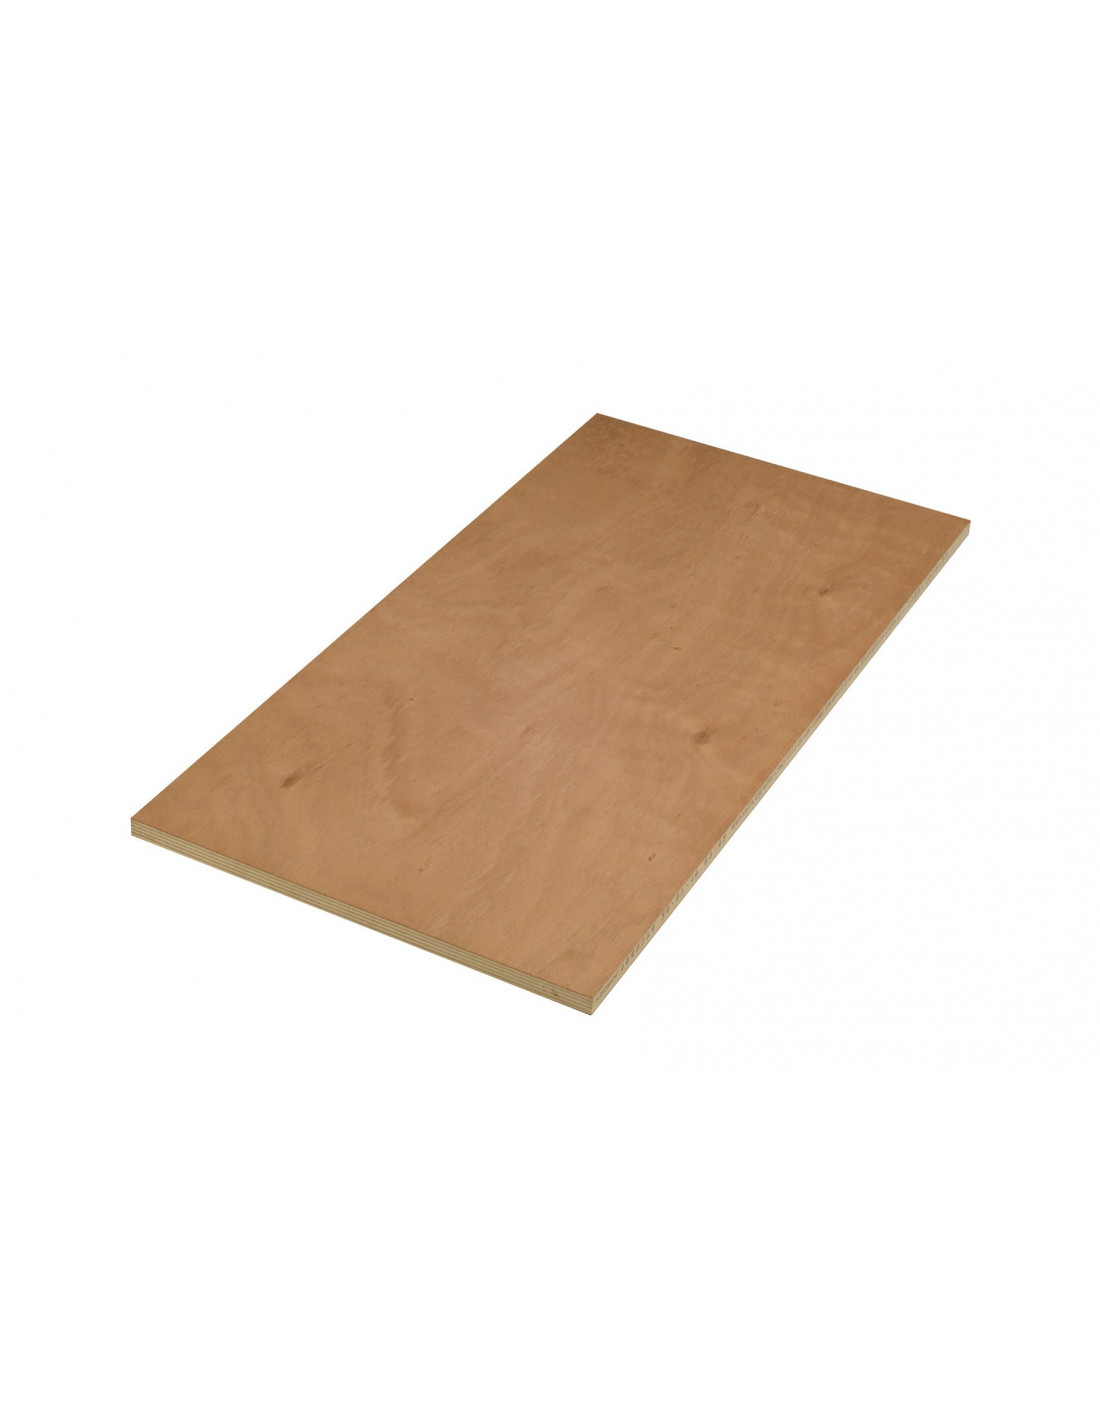 Contreplaqué Bambou 3 Mm panneau contreplaqué okoumé extérieur 244 x 122 mm ep. 6 mm à la découpe,  vendu au m²